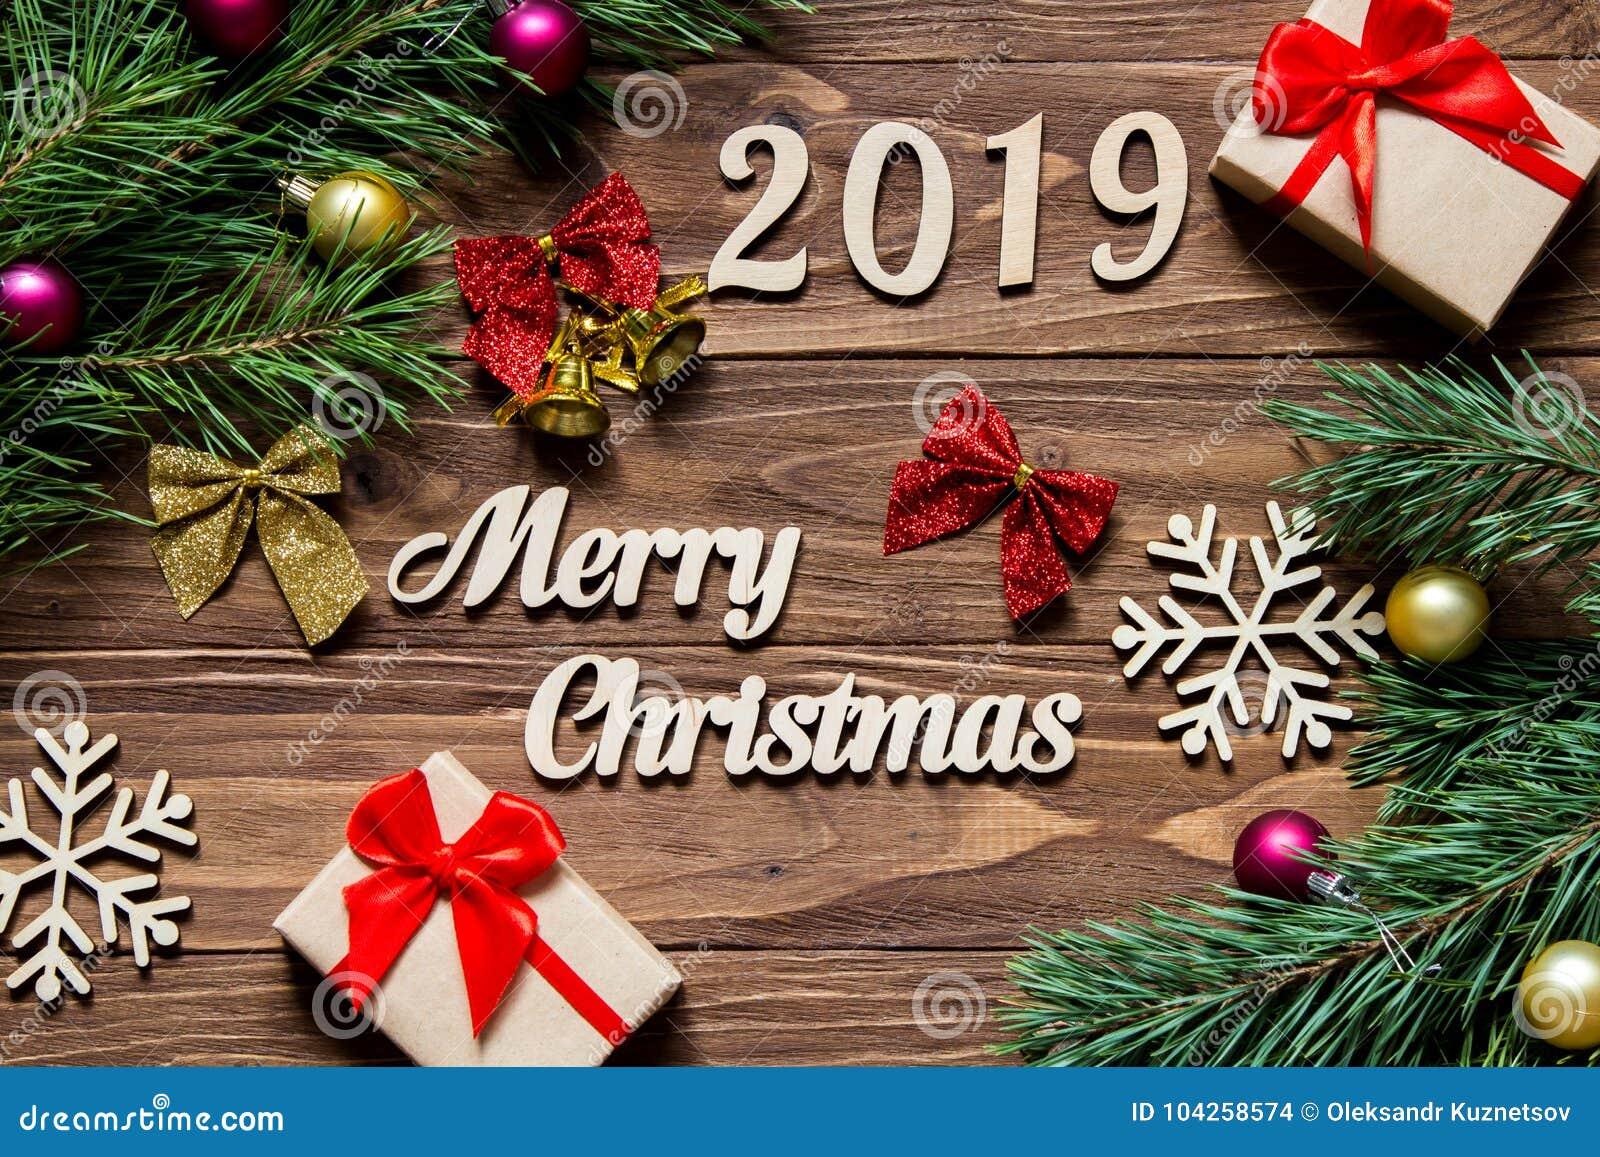 Cadeau fille noel 2019